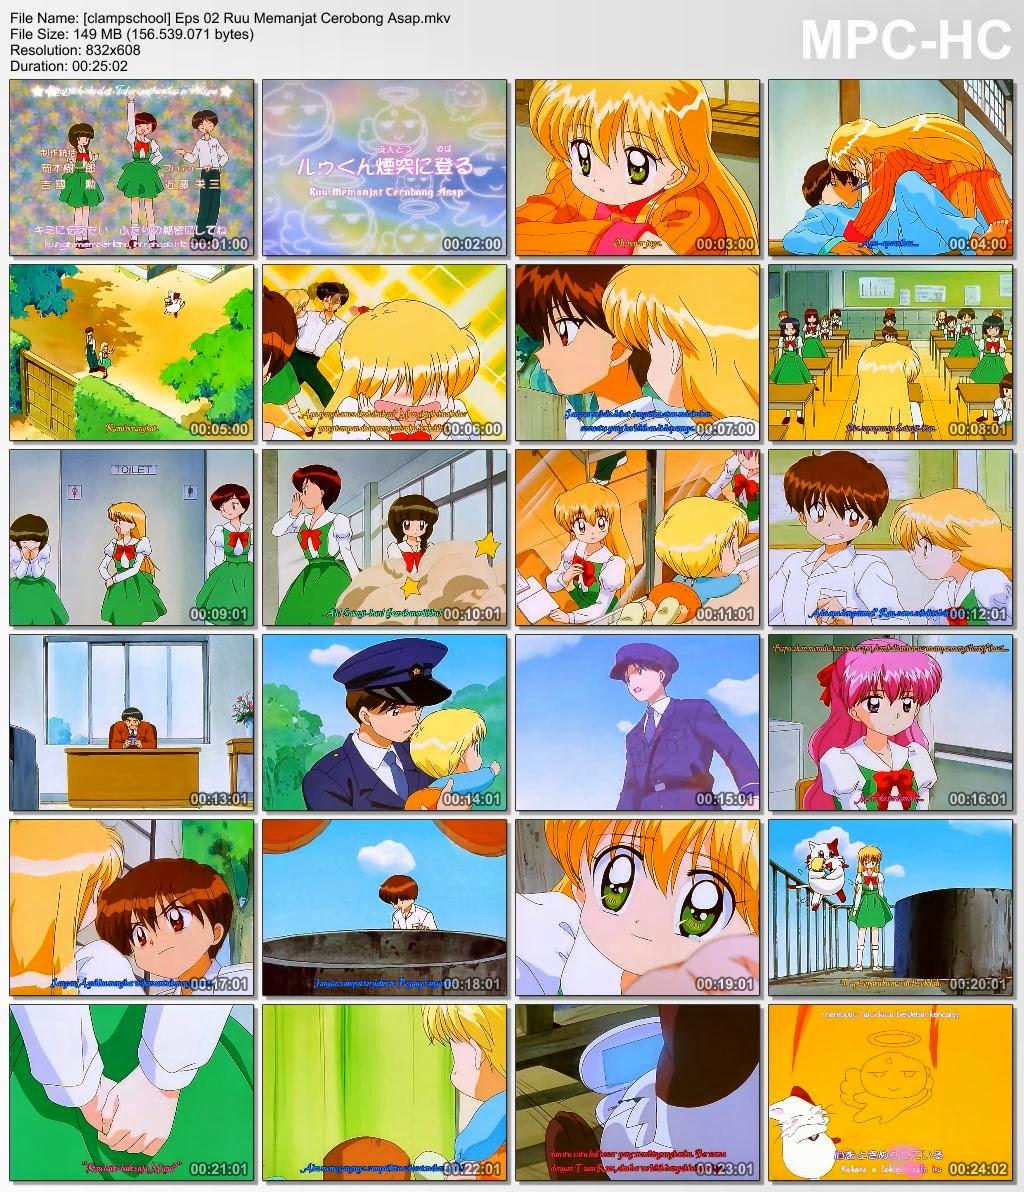 Omega Episode 2 Subtitle Indonesia: Daa! Daa! Daa! Subtitle Indonesia Episode 2